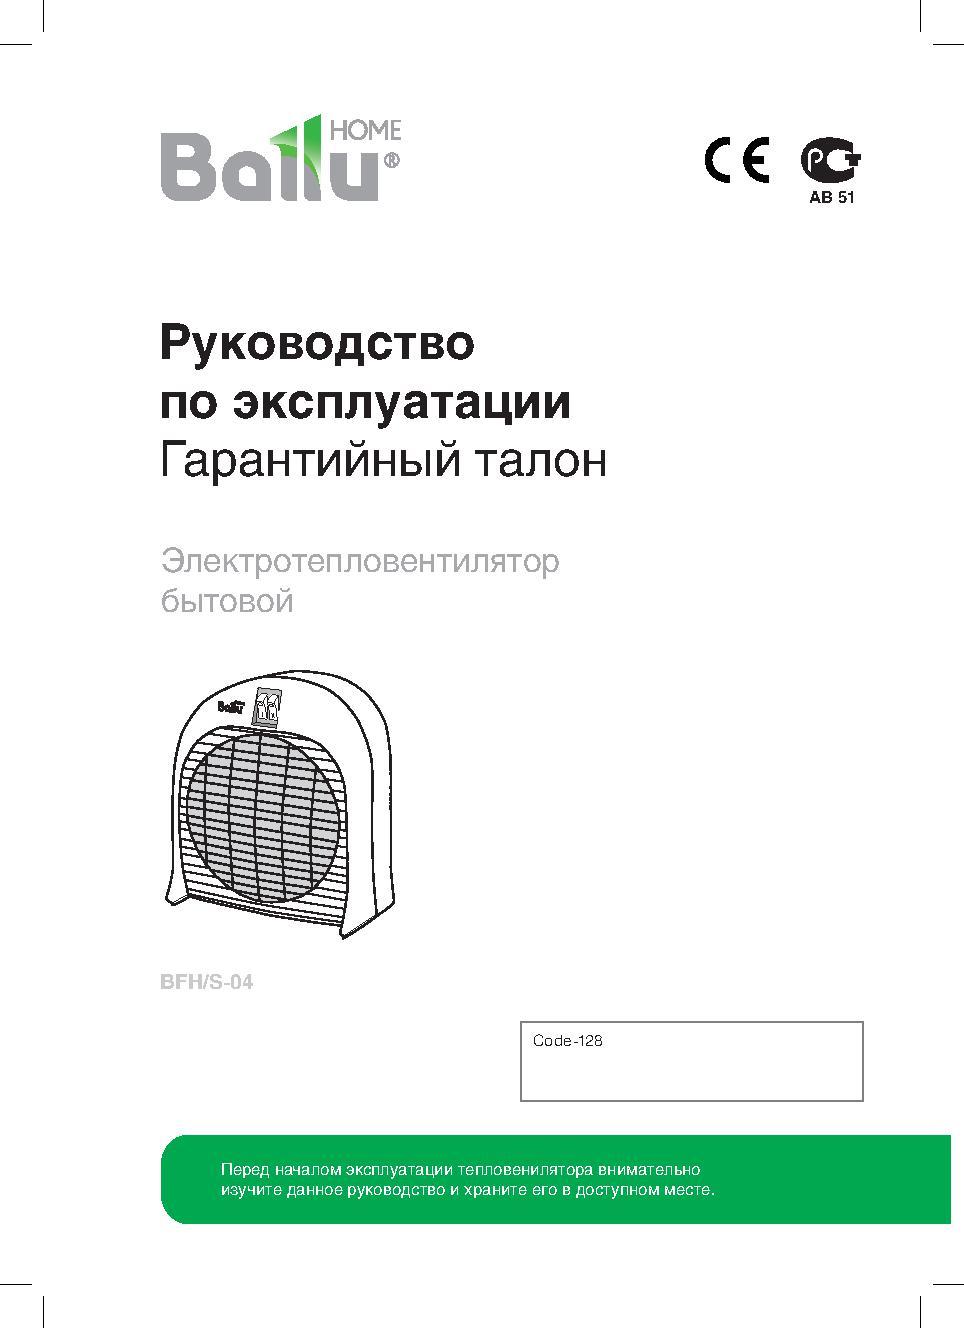 Инструкция на тепловентилятор BALLU BFH/S-04